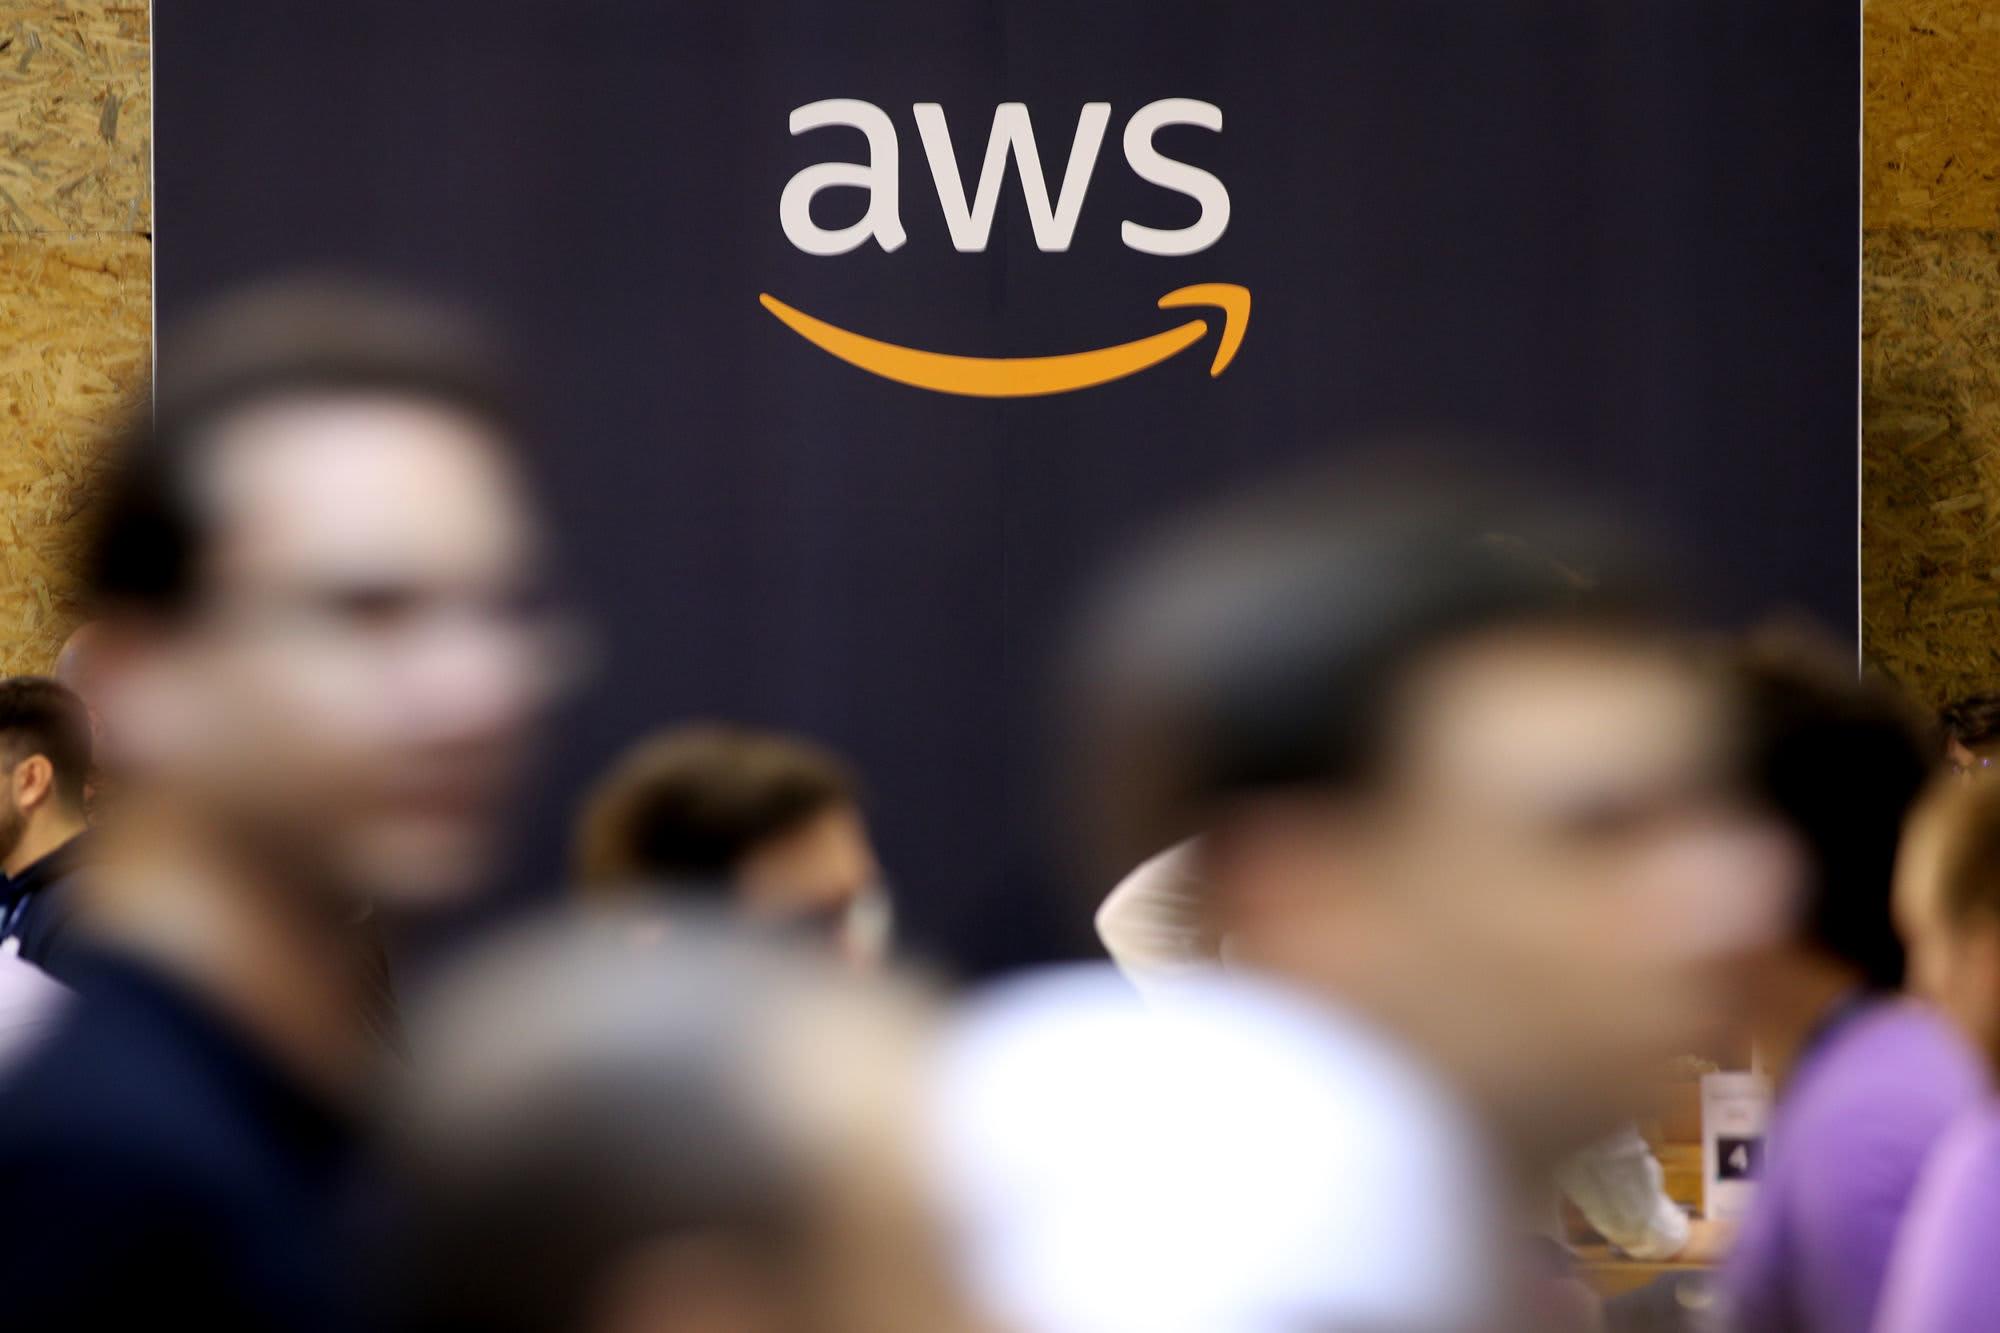 Amazon AWS ARM